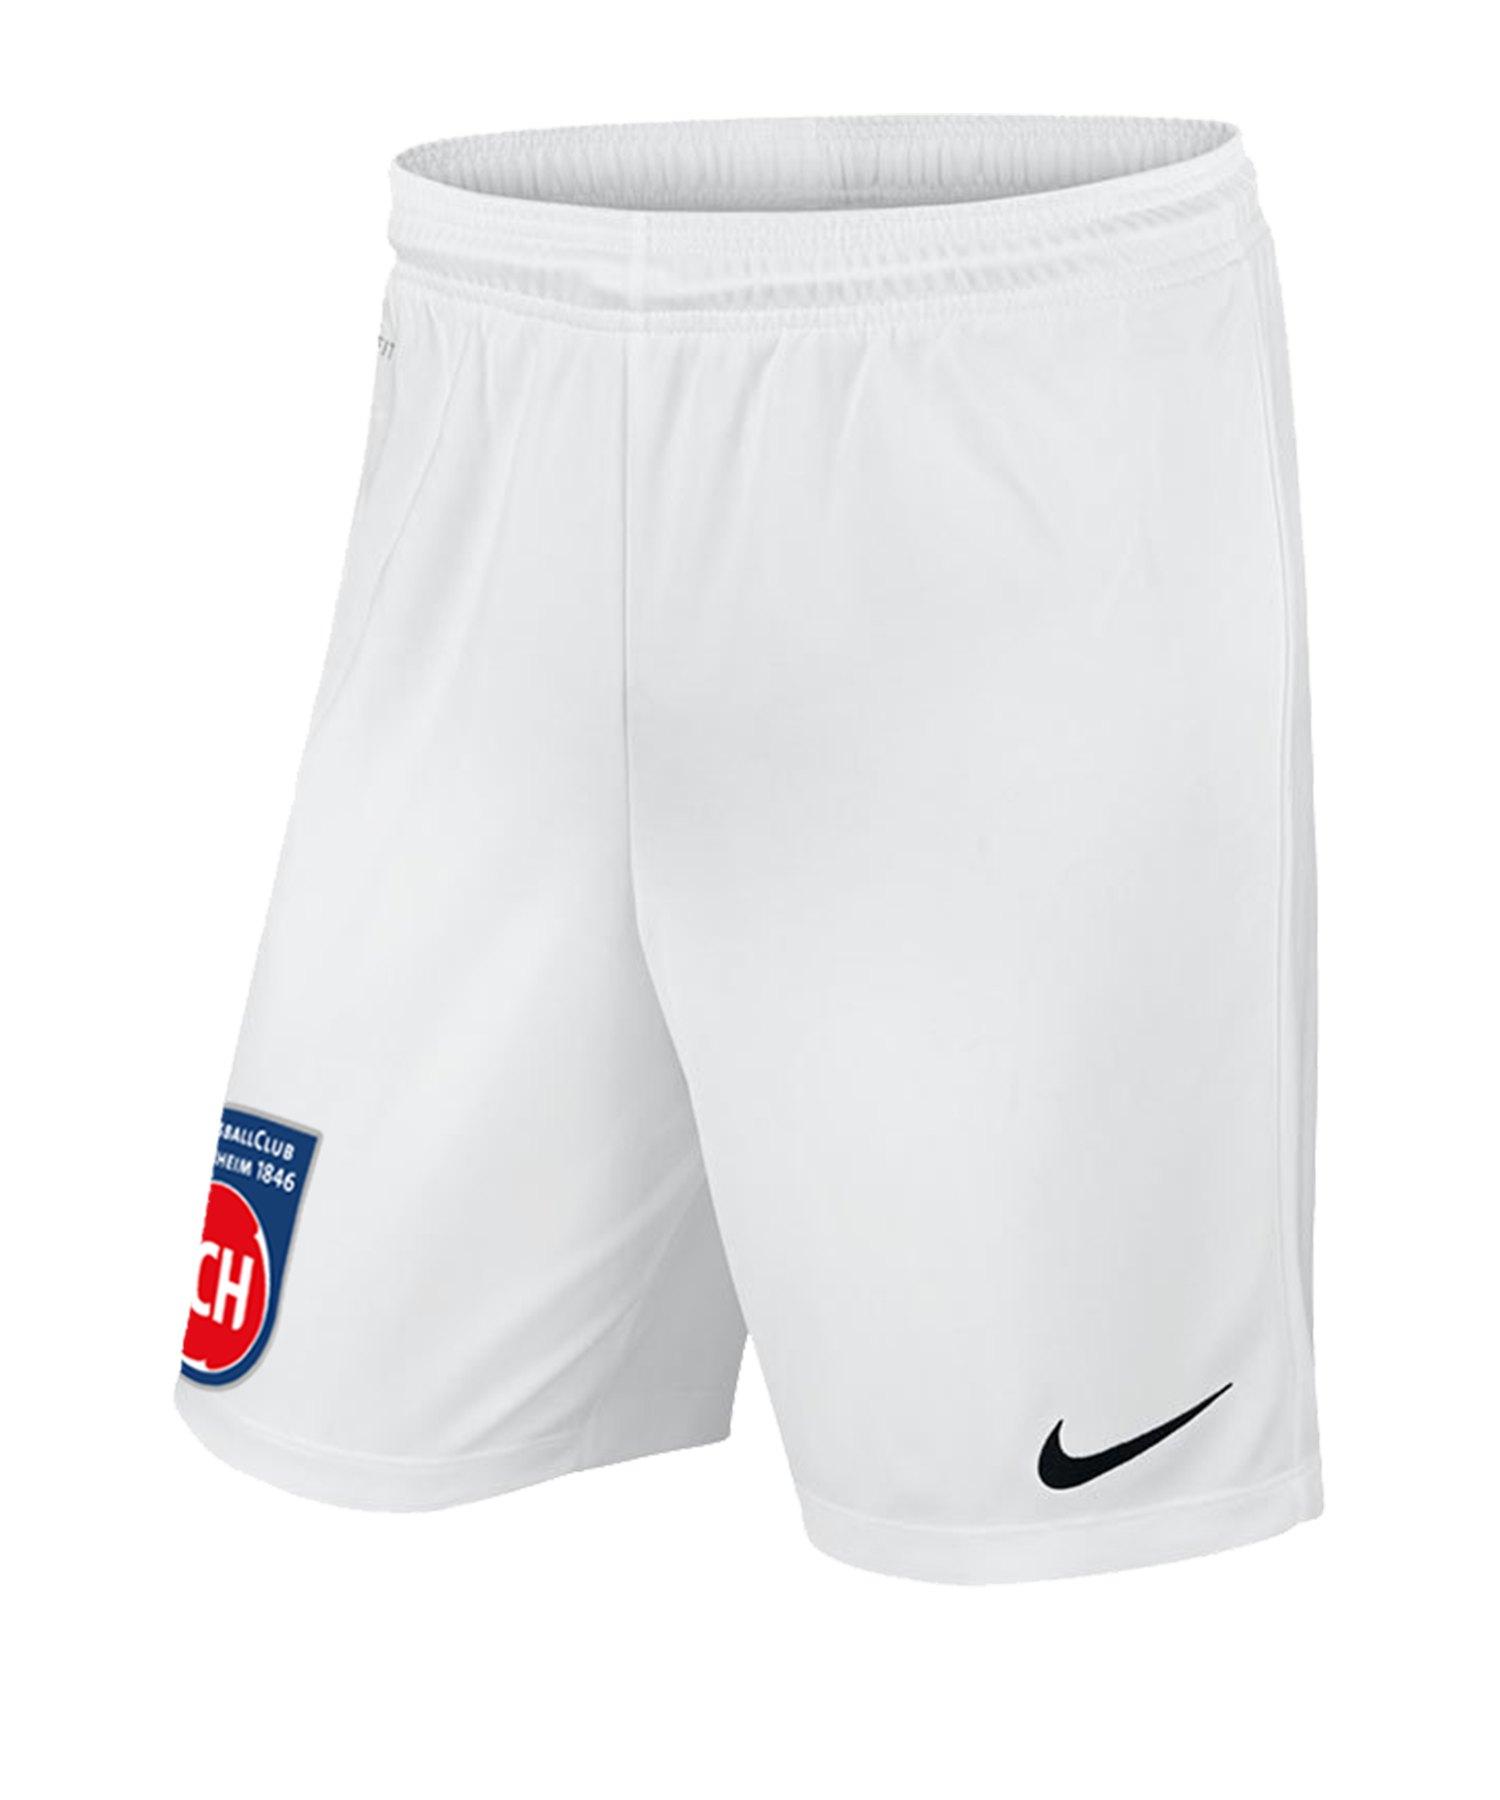 Nike 1. FC Heidenheim Short 3rd 2019/2020 Kids F100 - weiss